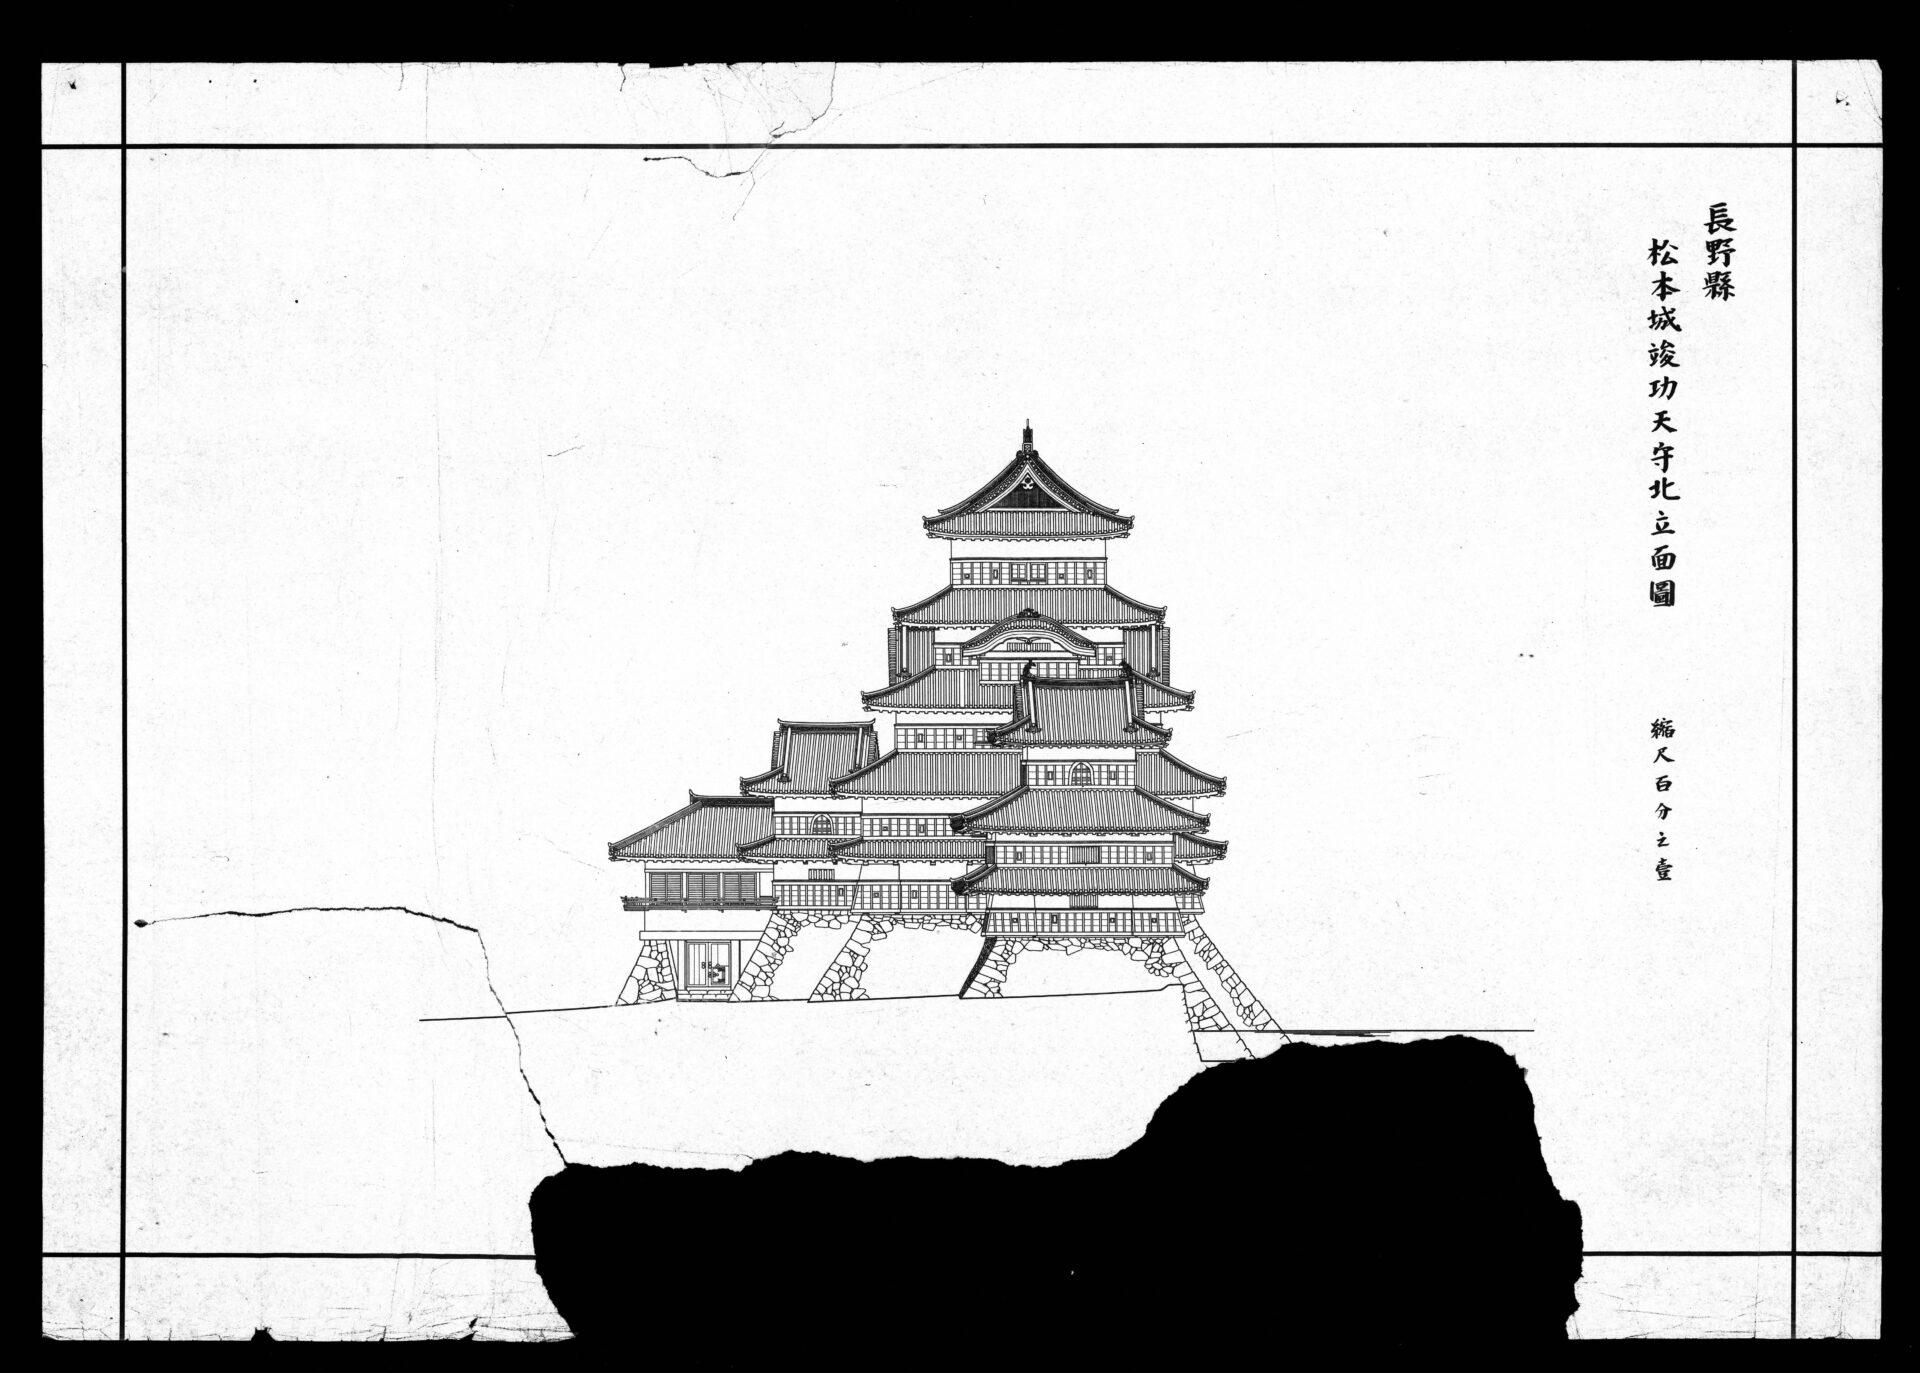 松本城竣功天守北立面図